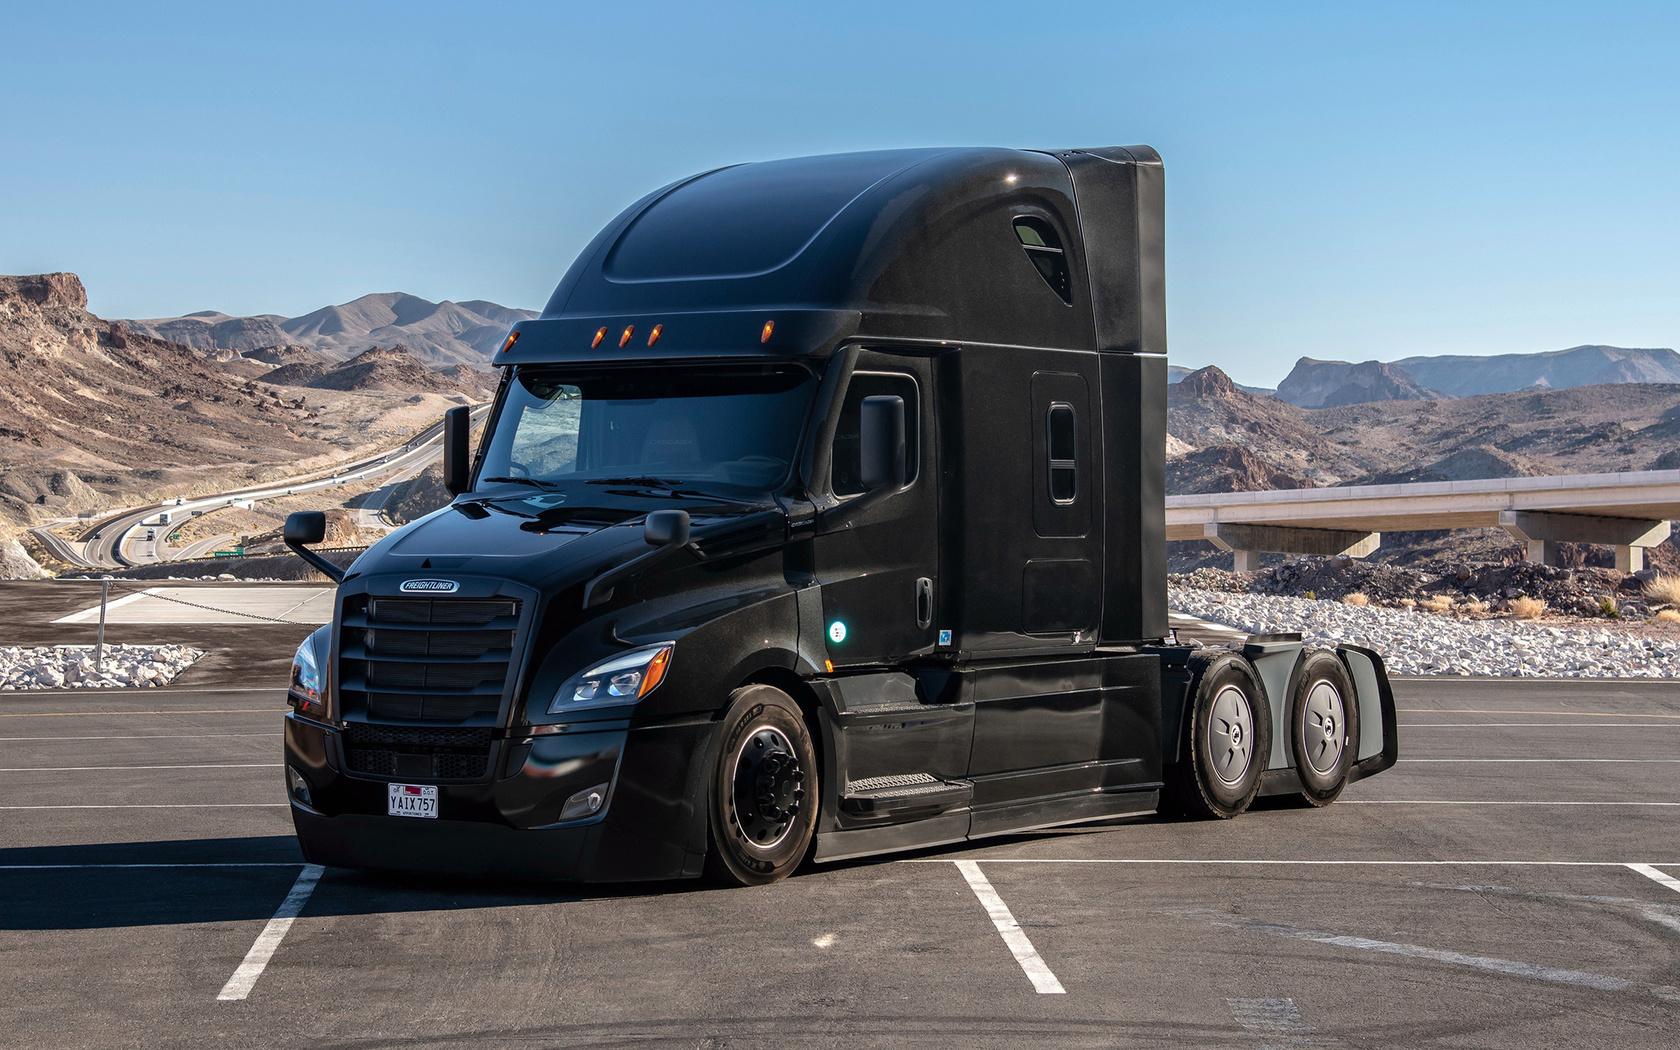 freightliner, cascadia, tractors, 2020 trucks, lkw, cargo transport, 2020 freightliner, cascadia, american trucks, freightliner